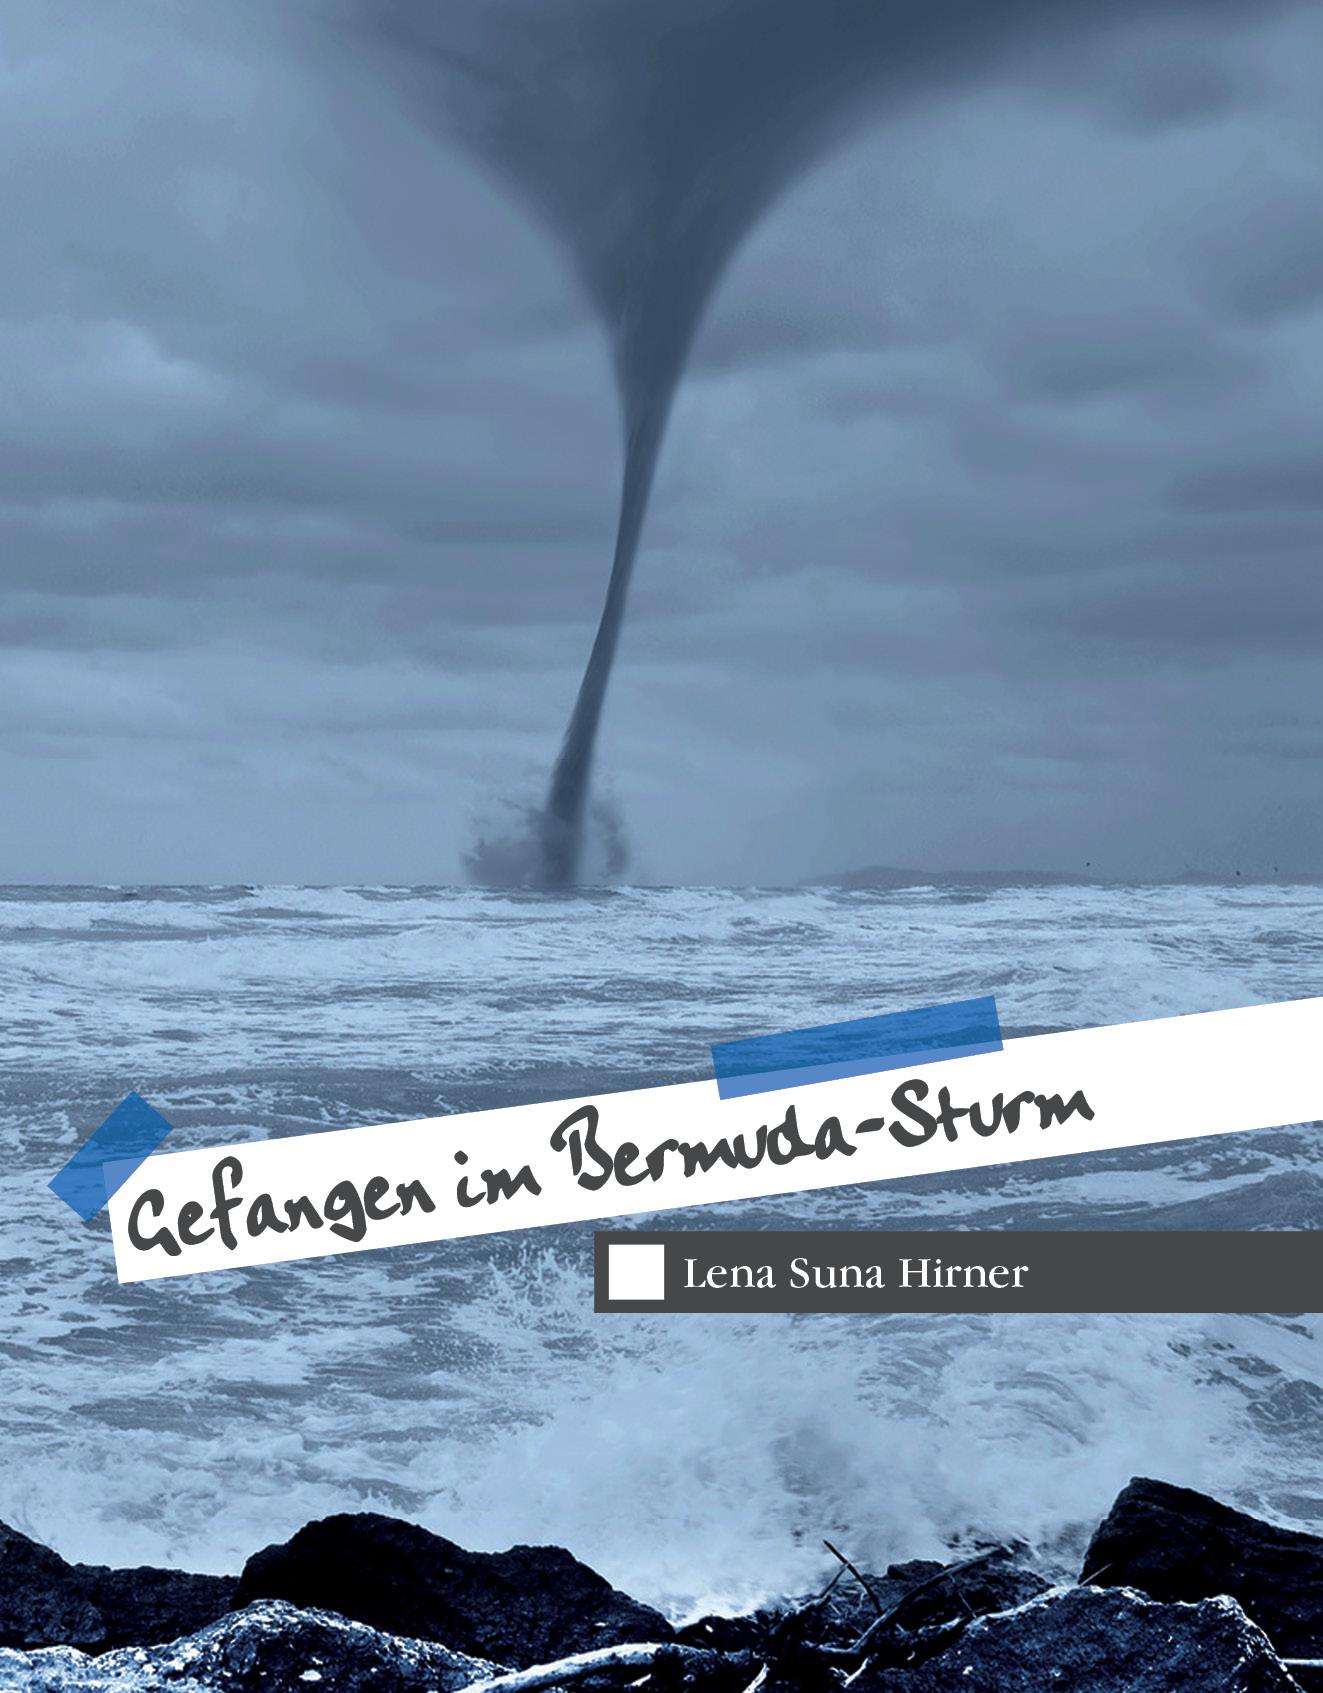 Gefangen im Bermuda-Sturm, Lena Suna Hirner